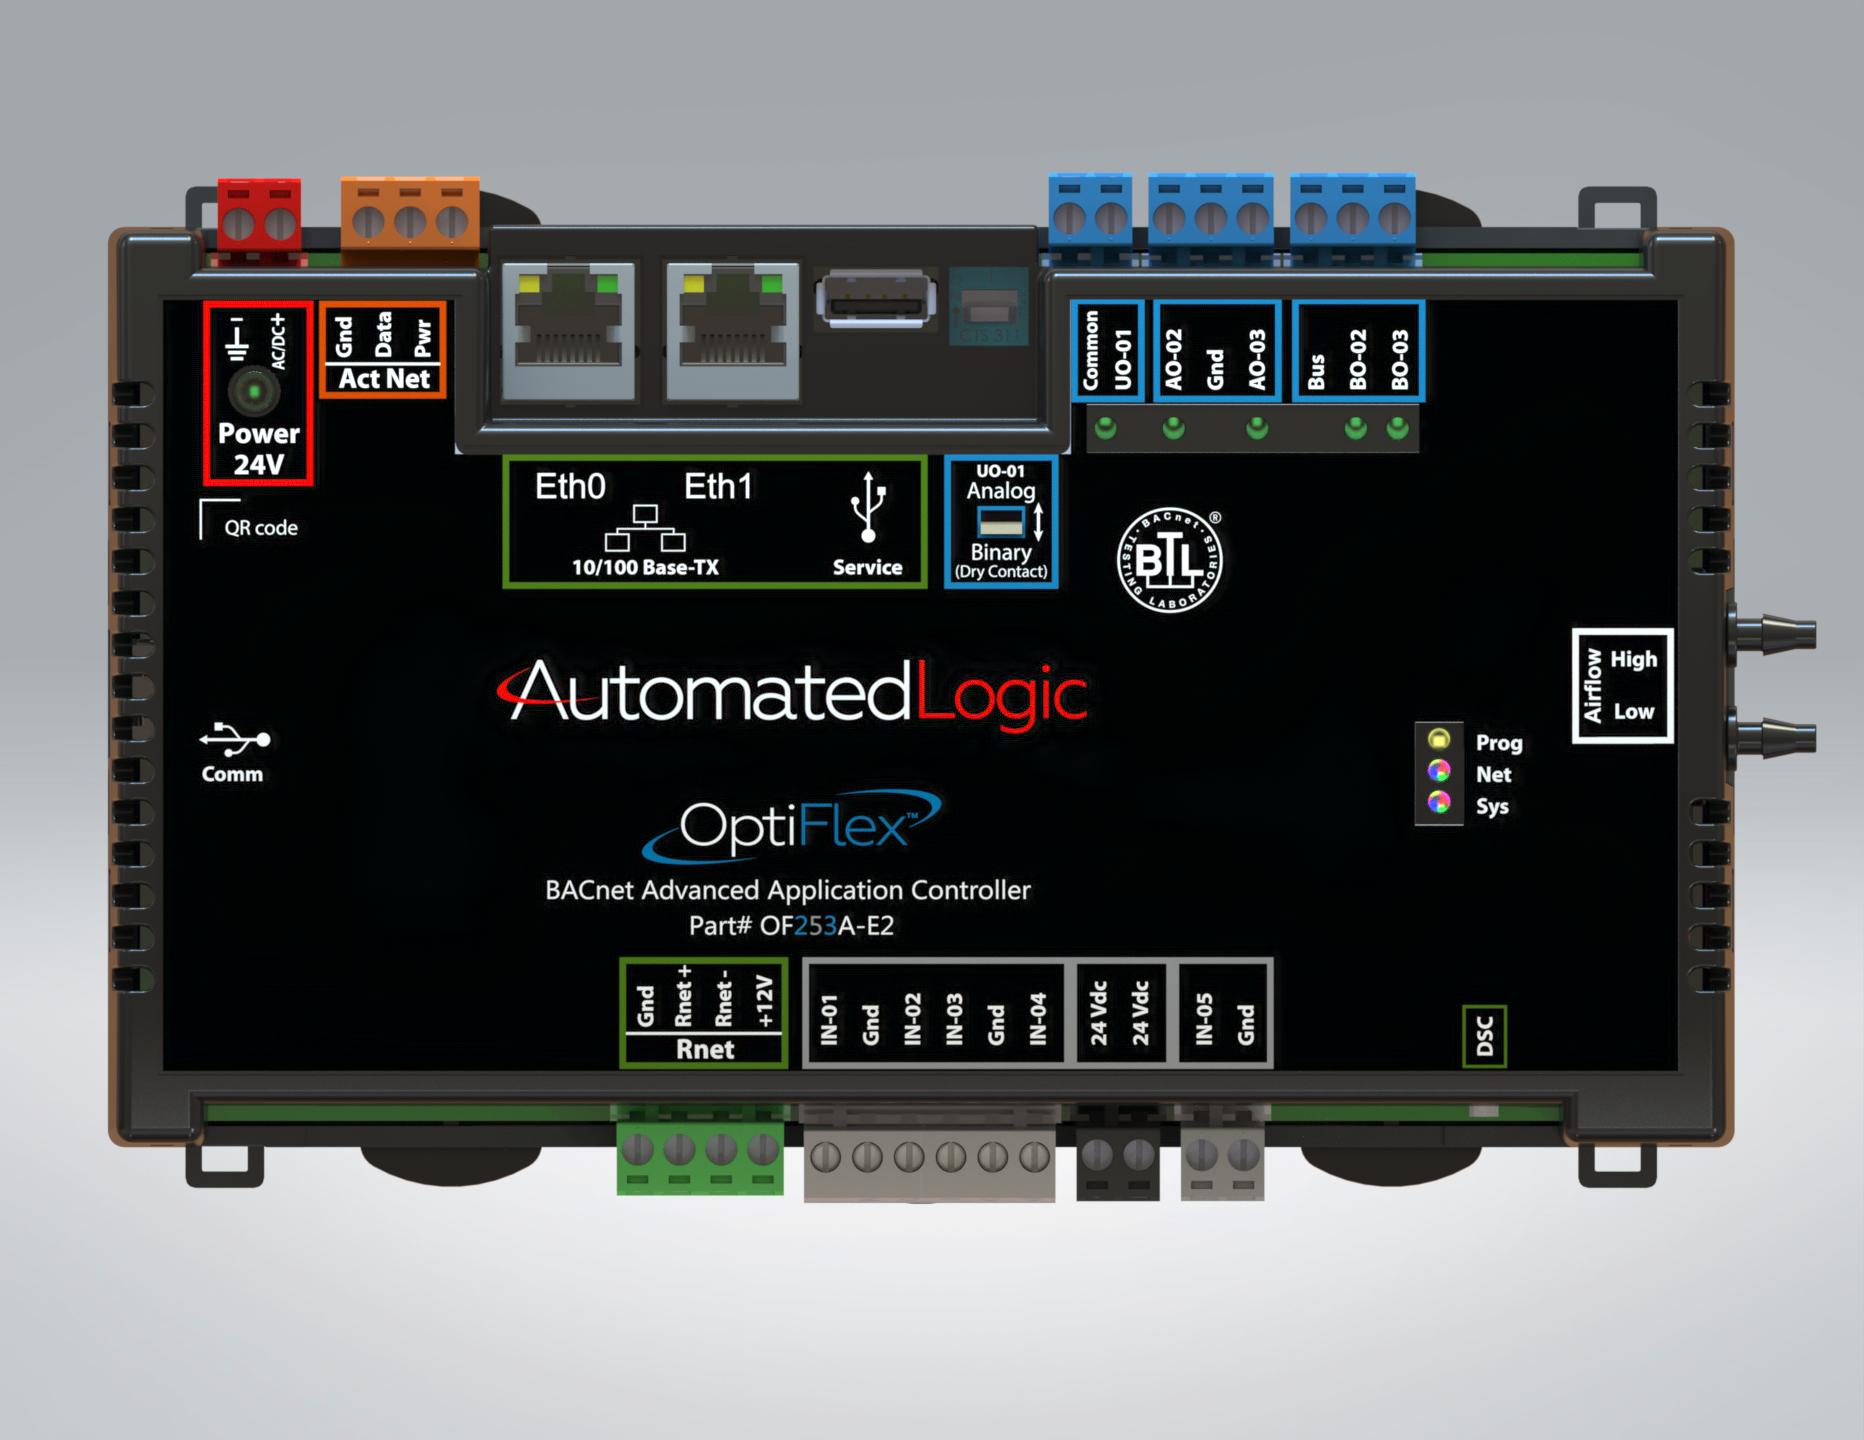 OF253A-E2-application-controller